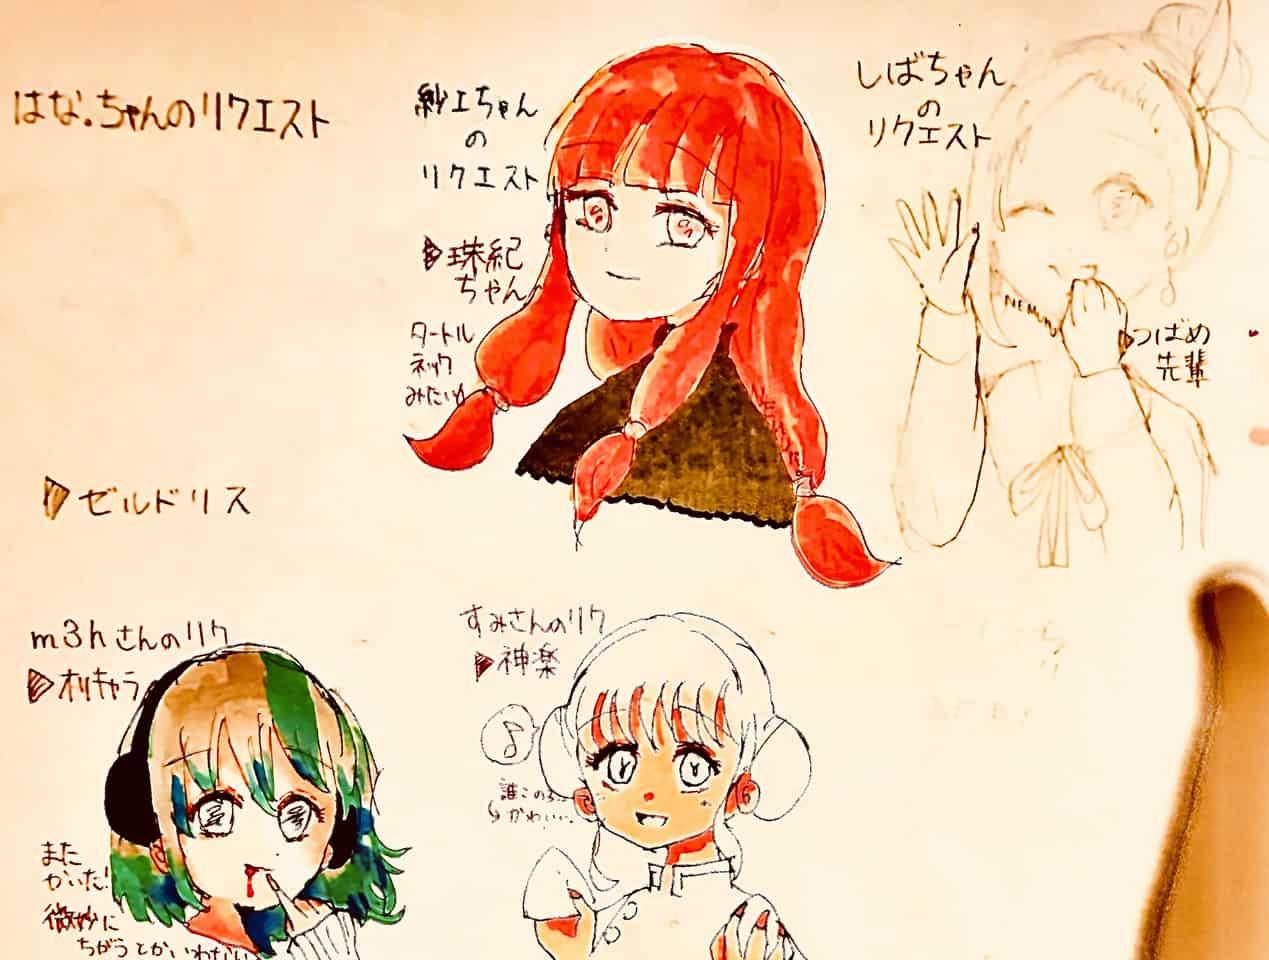 謝罪←紹介文見て🥺 Illust of ねむこ@生きてる〜